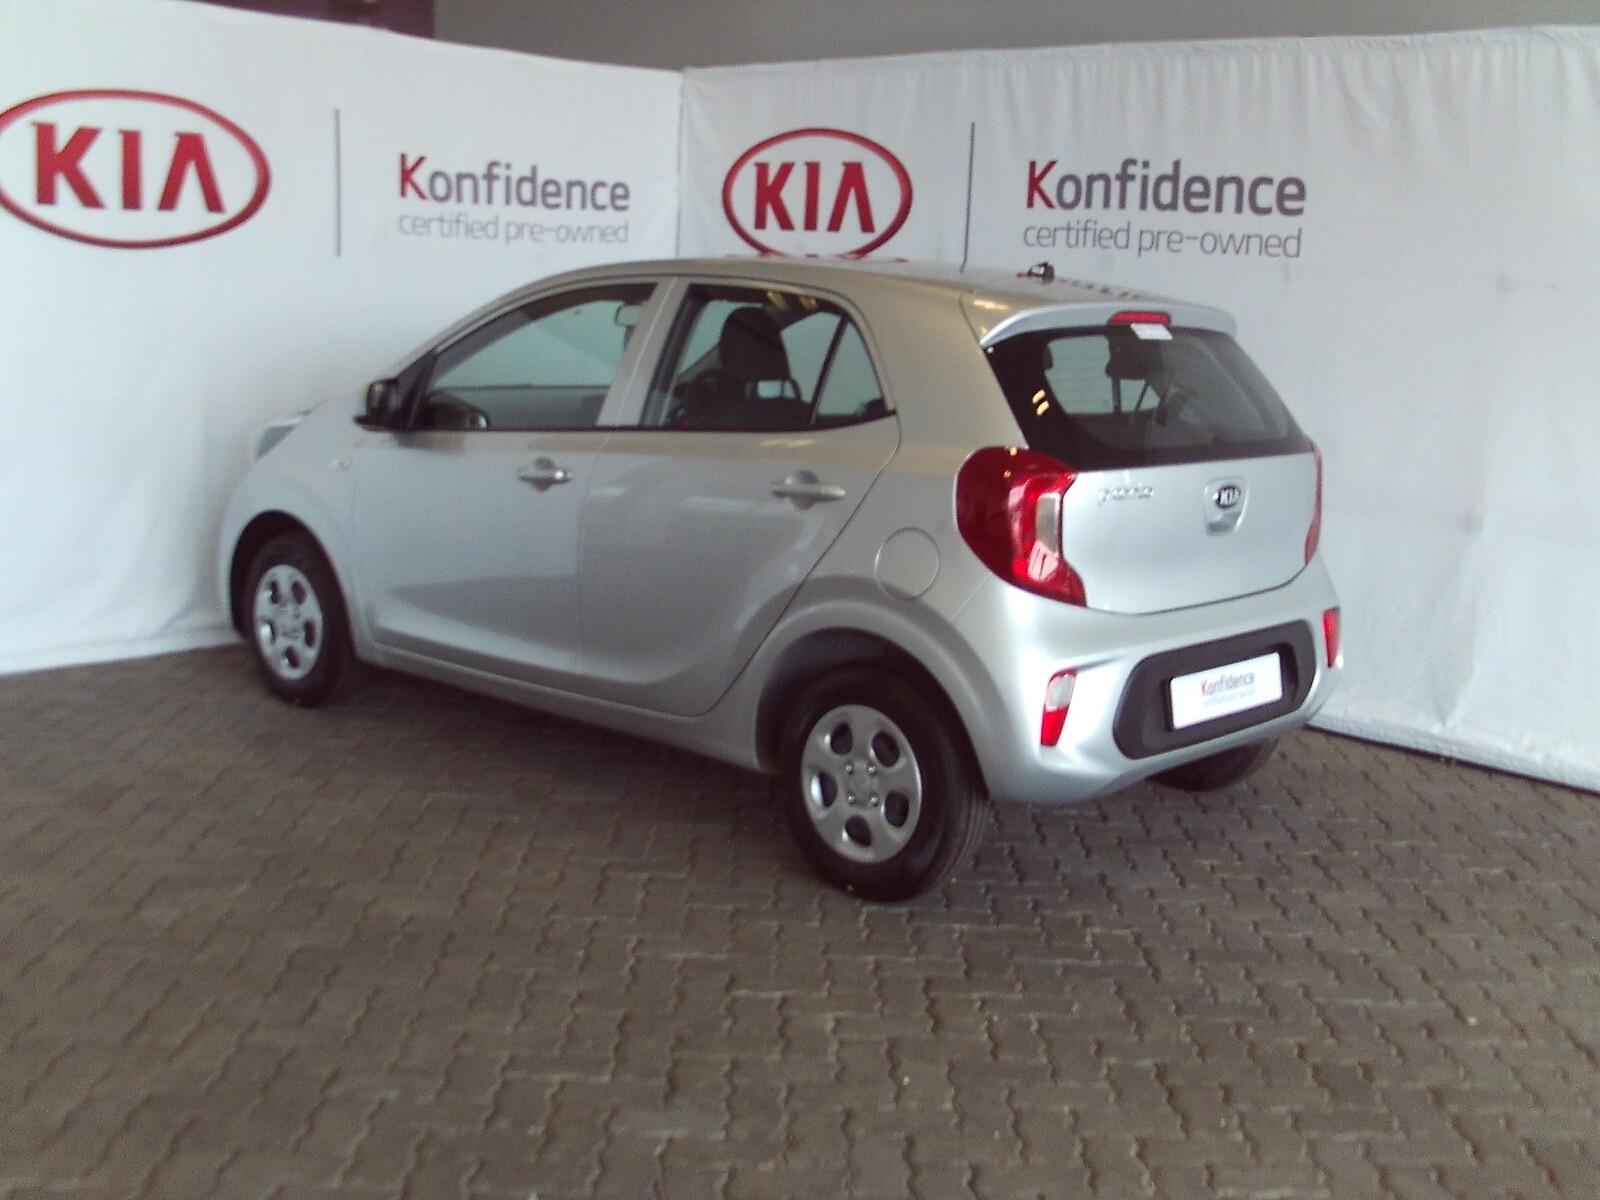 KIA 1.0 START Pretoria 3335163